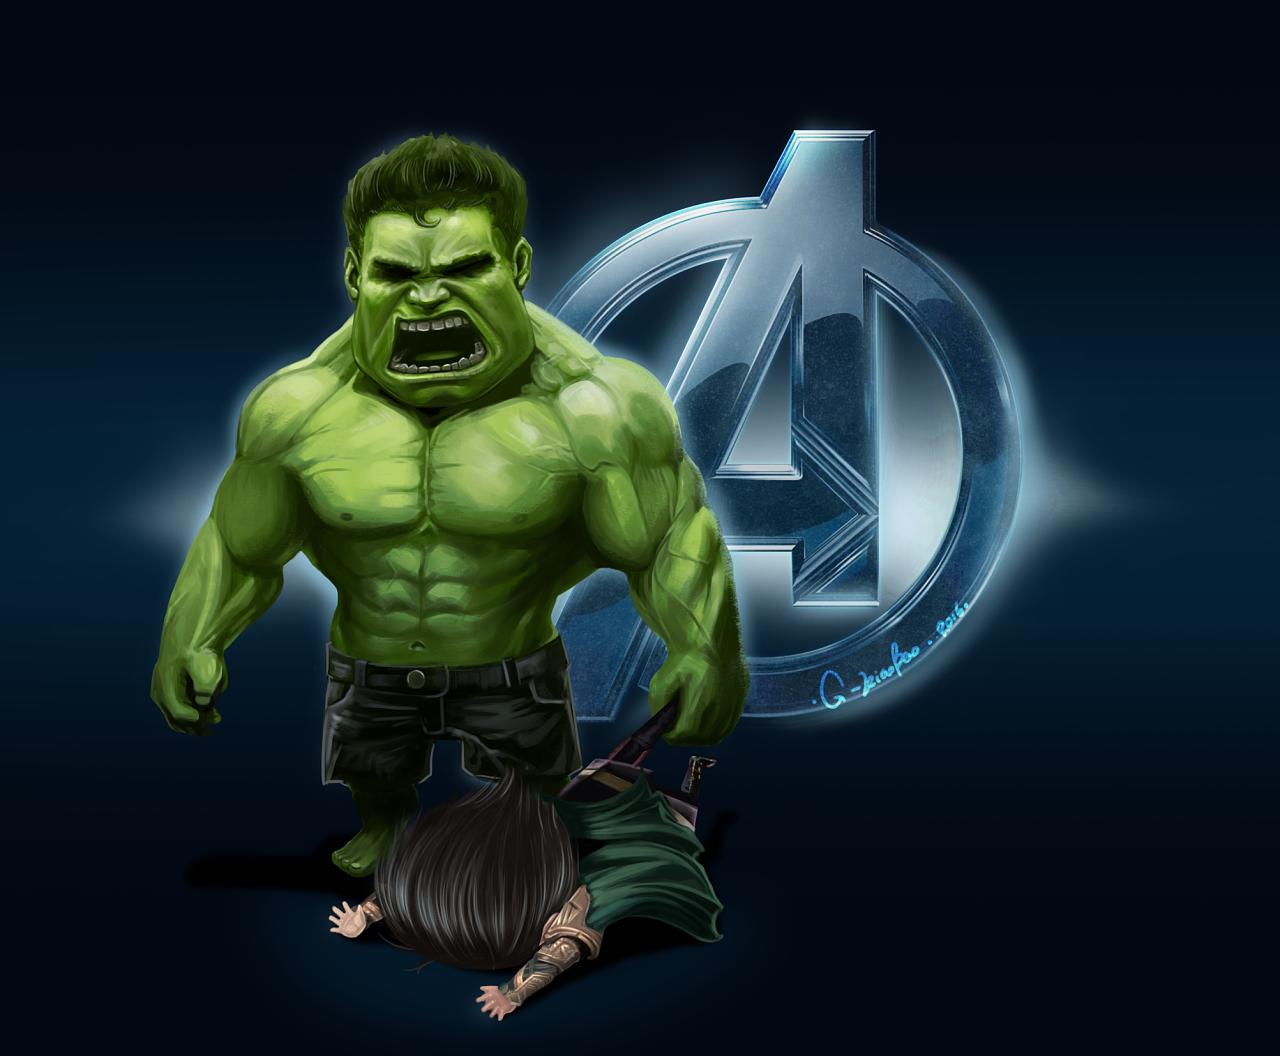 【原创】复仇者联盟q版-绿巨人暴打洛基